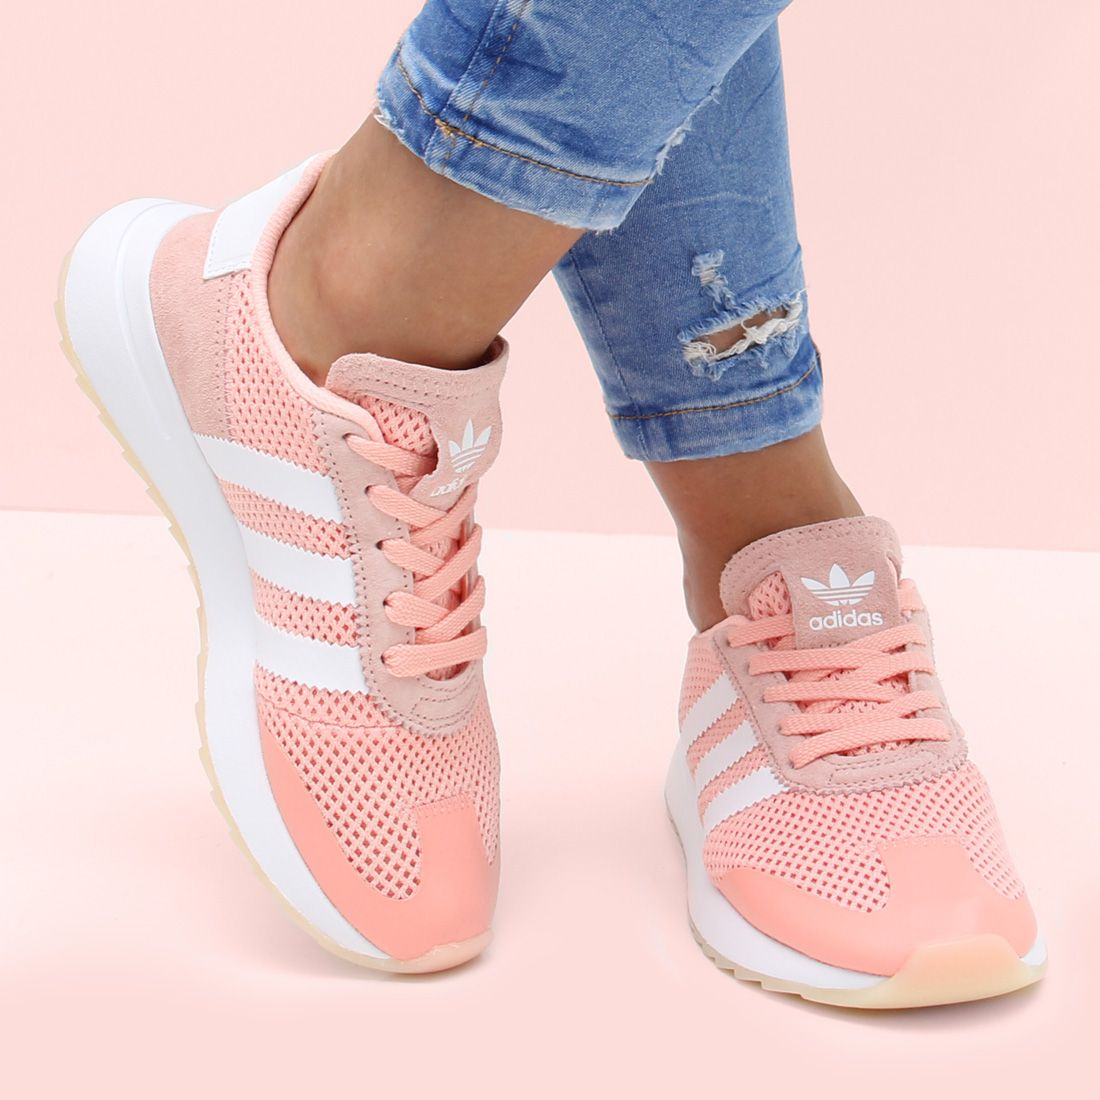 adidas original rosa